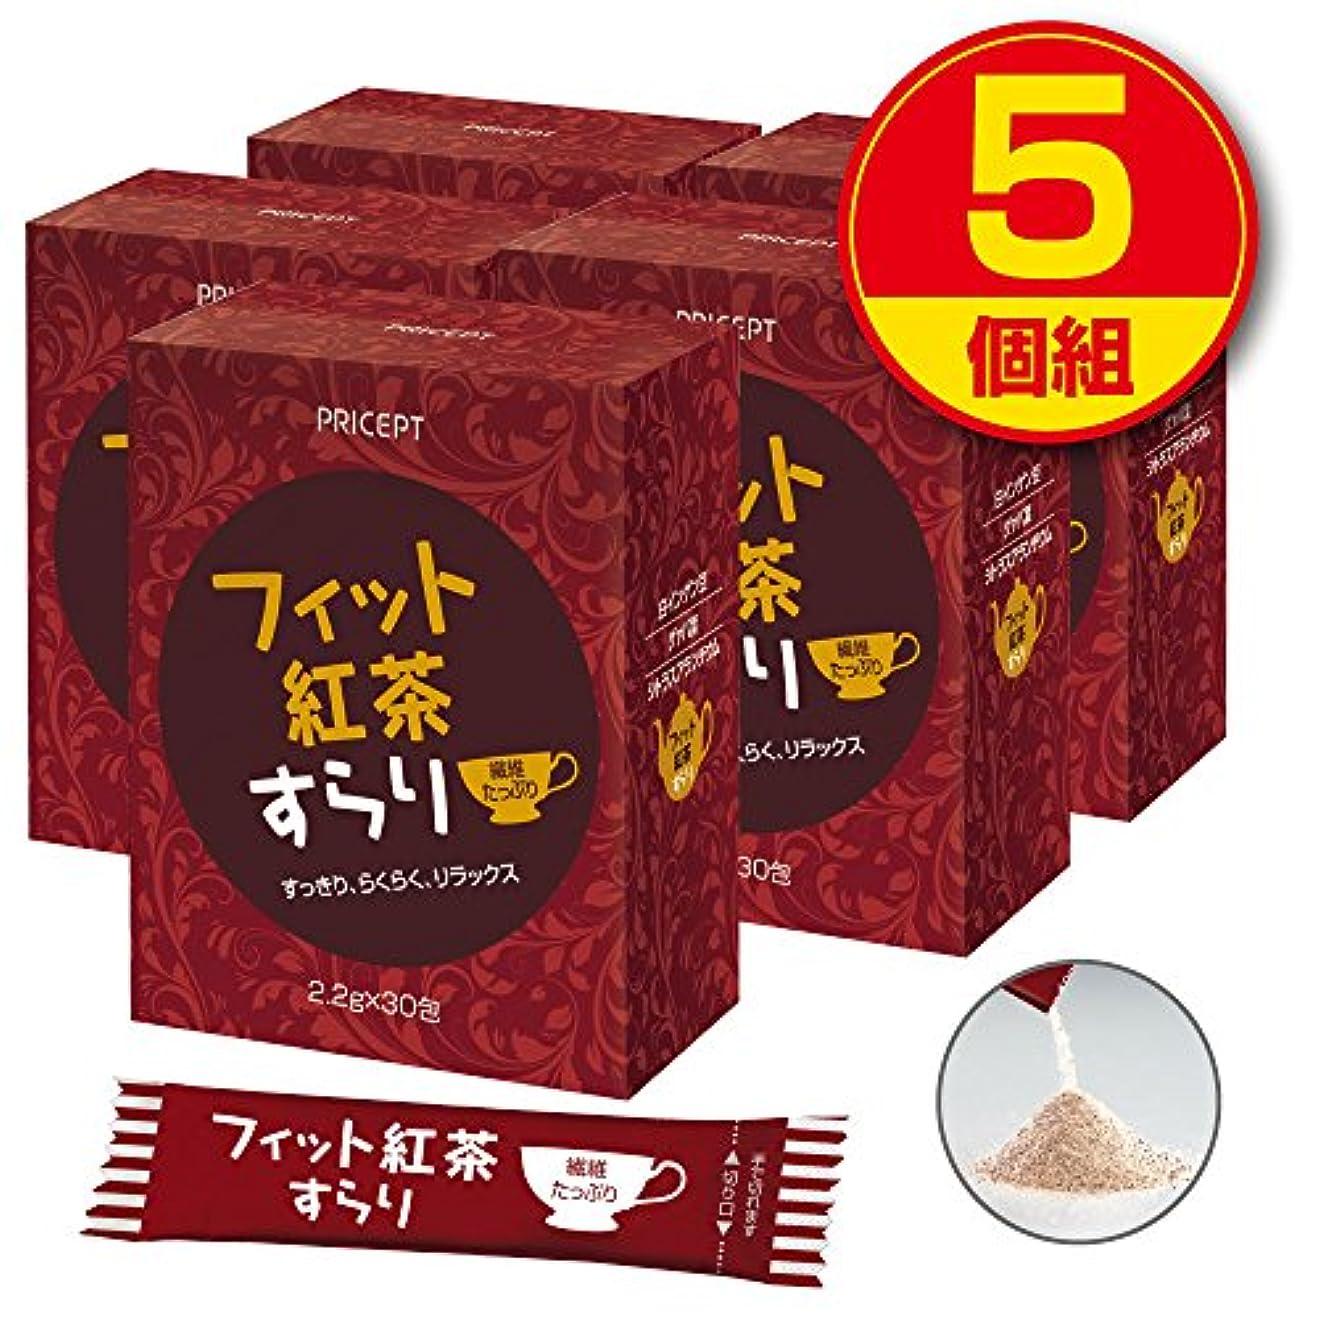 退屈北米三角形プリセプト フィット紅茶すらり(30包)【5個組?150包】(食物繊維配合ダイエットサポート紅茶)